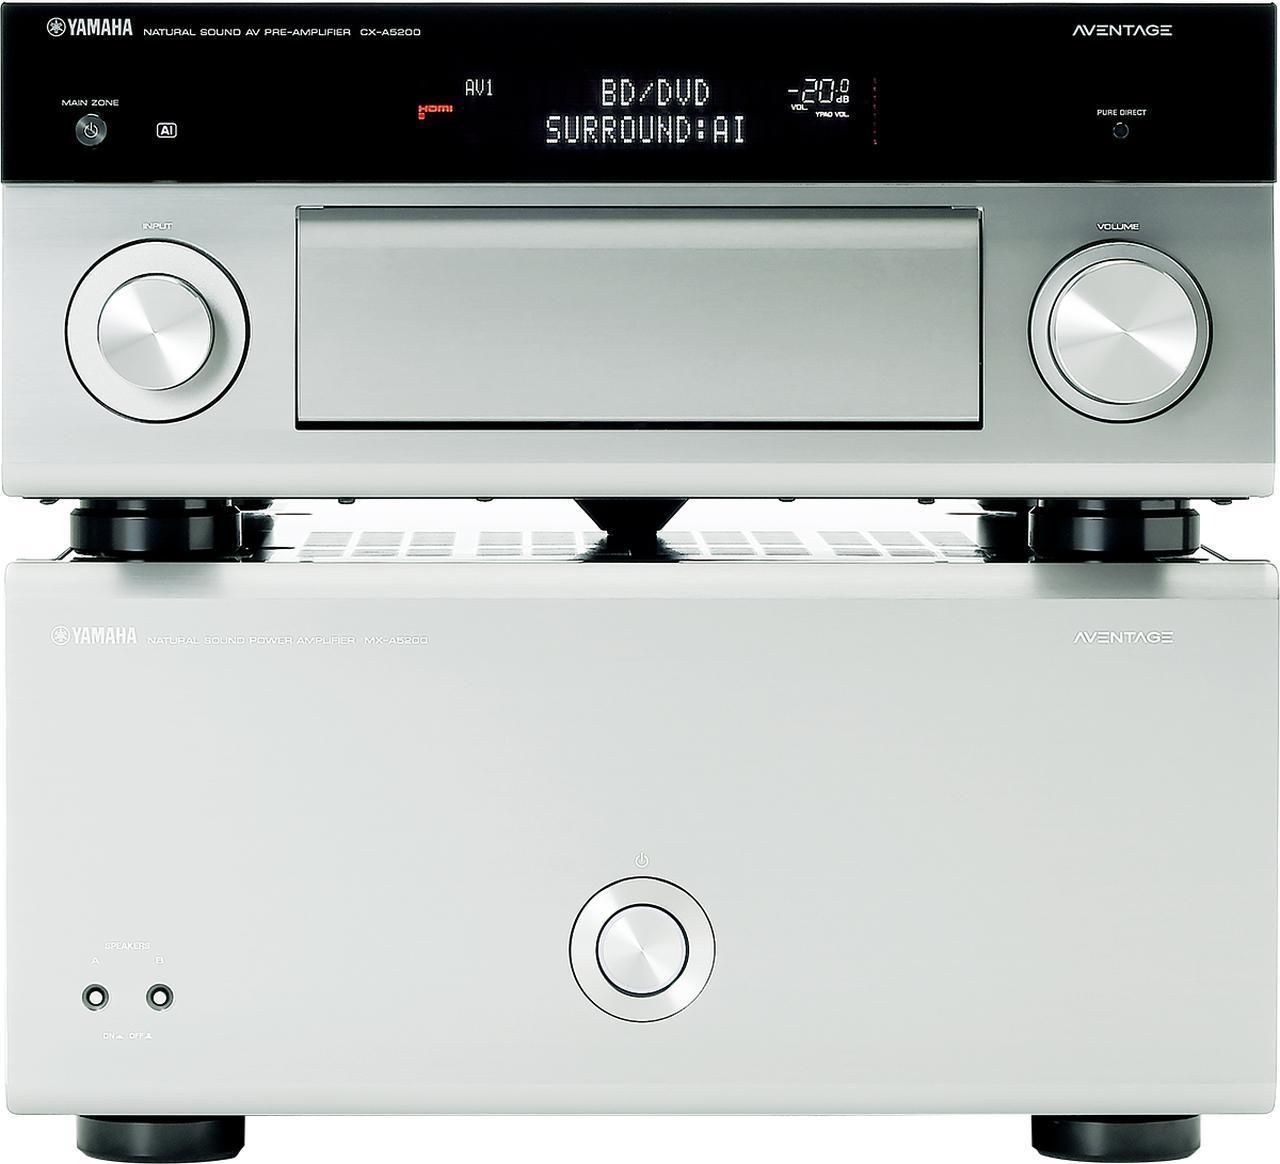 画像: 第4位:ヤマハ CX-A5200+MX-A5200